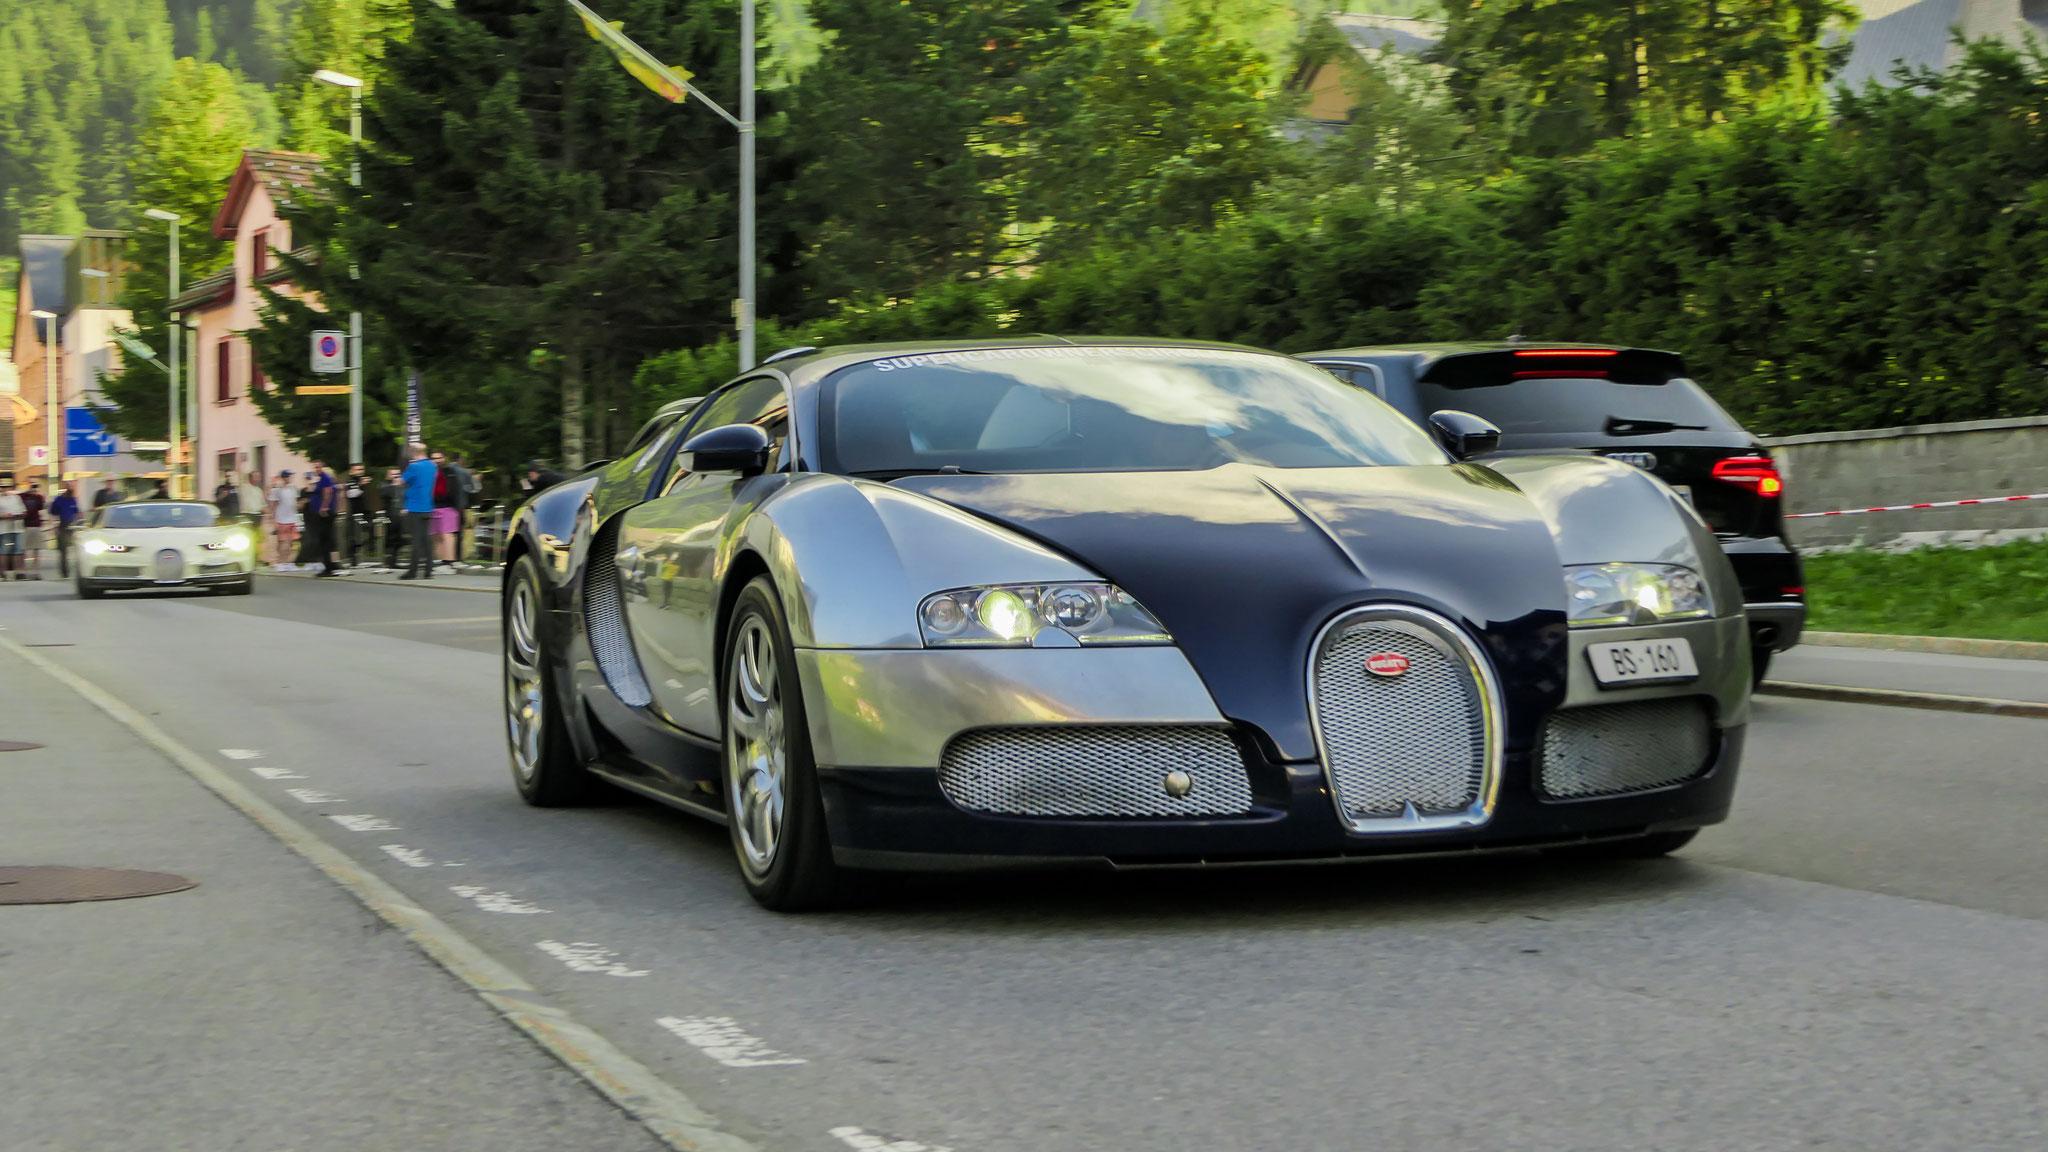 Bugatti Veyron 16.4 - BS-160 (CH)